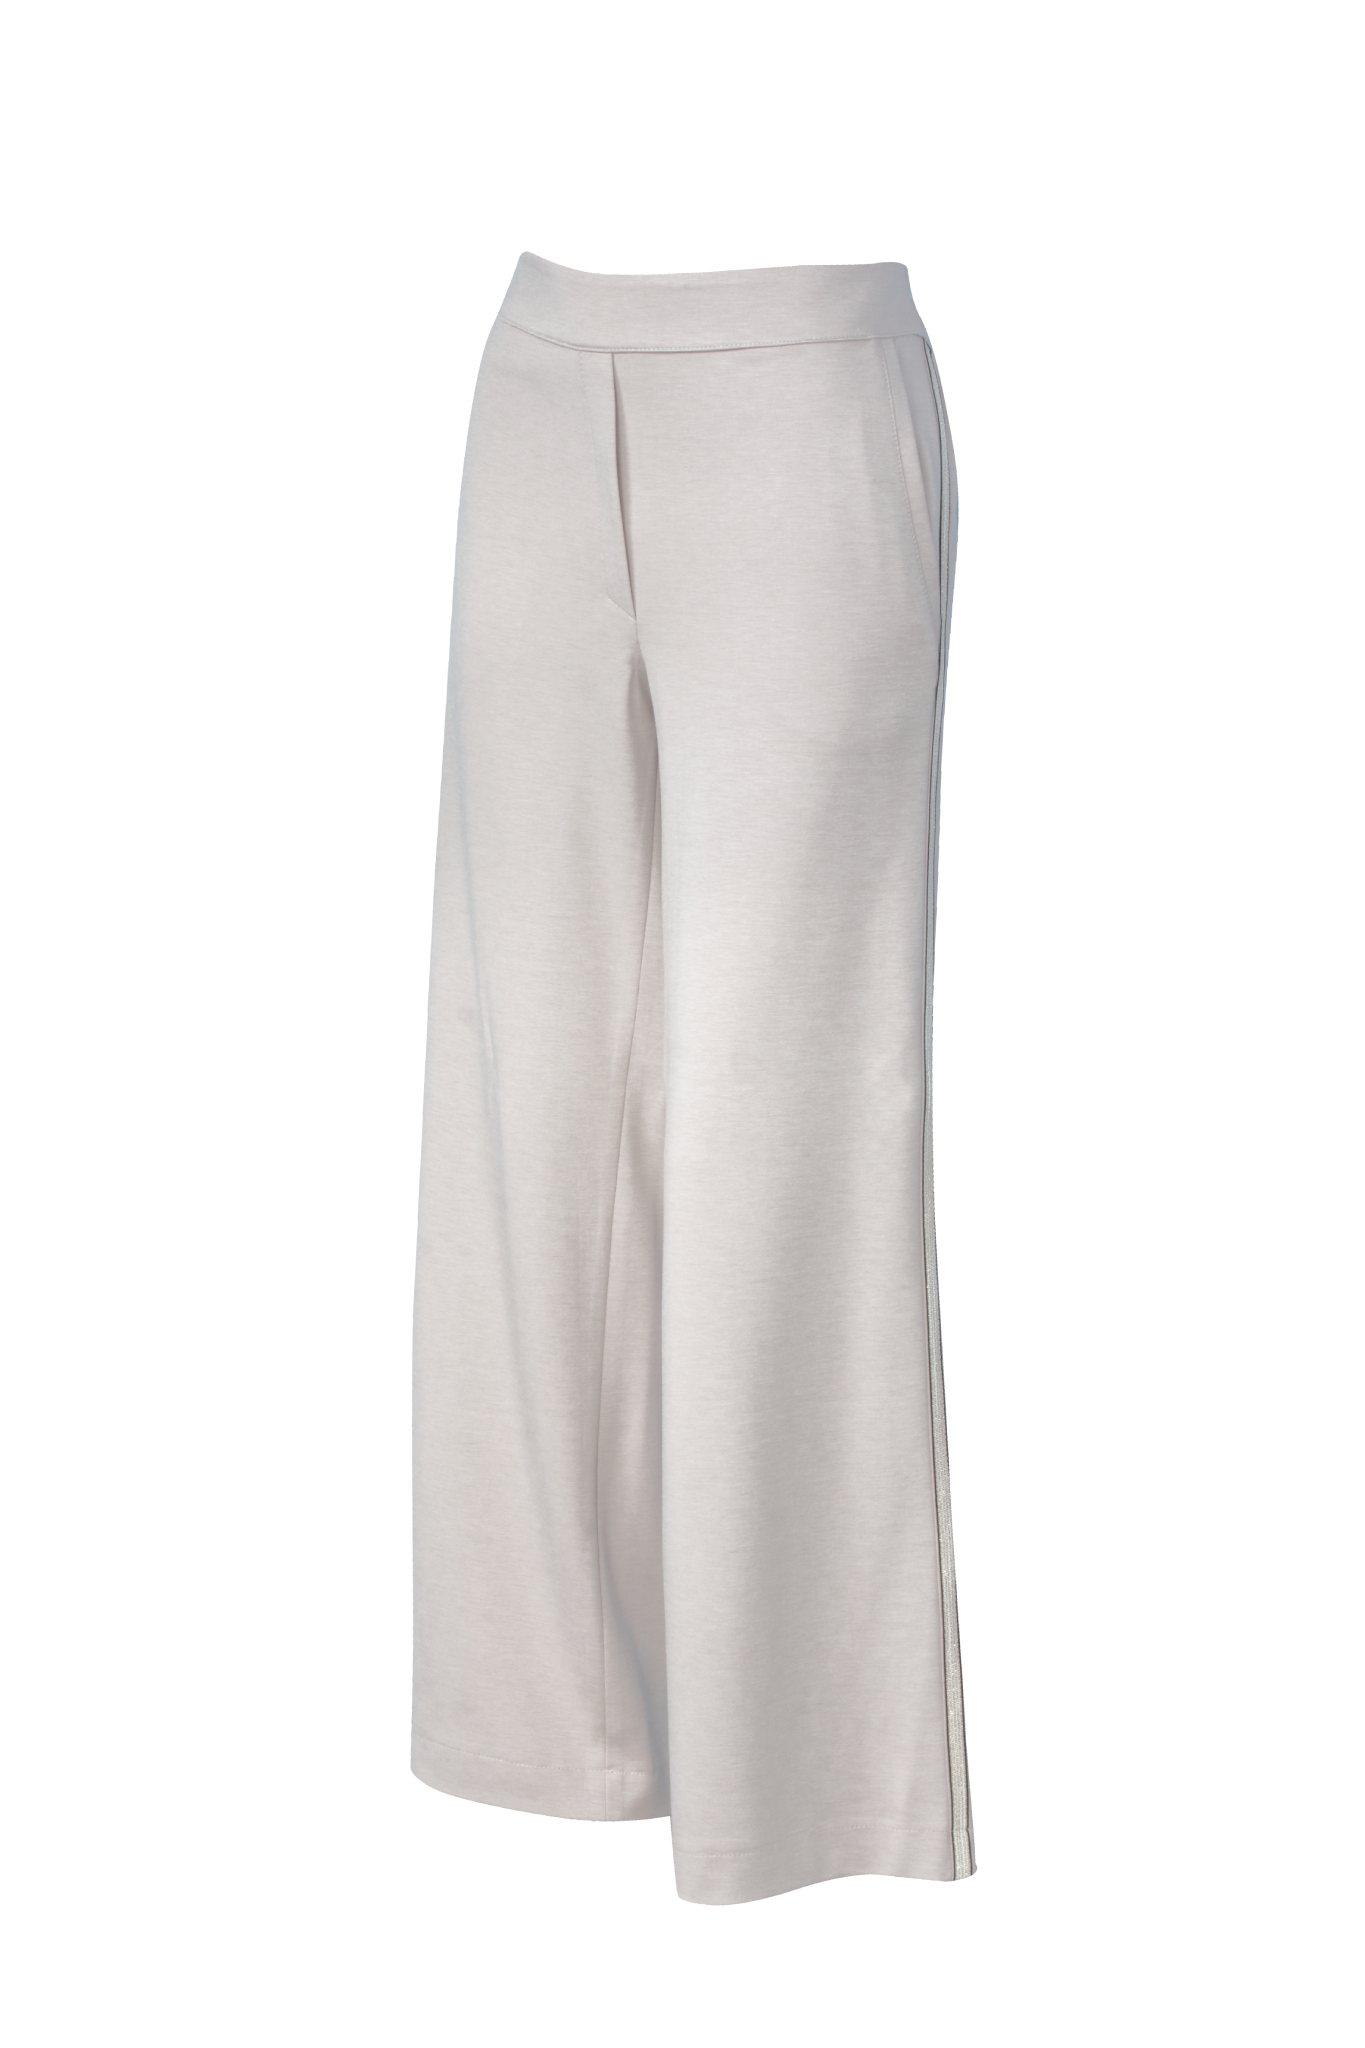 1271 Jumitex spodnie szwedy damskie